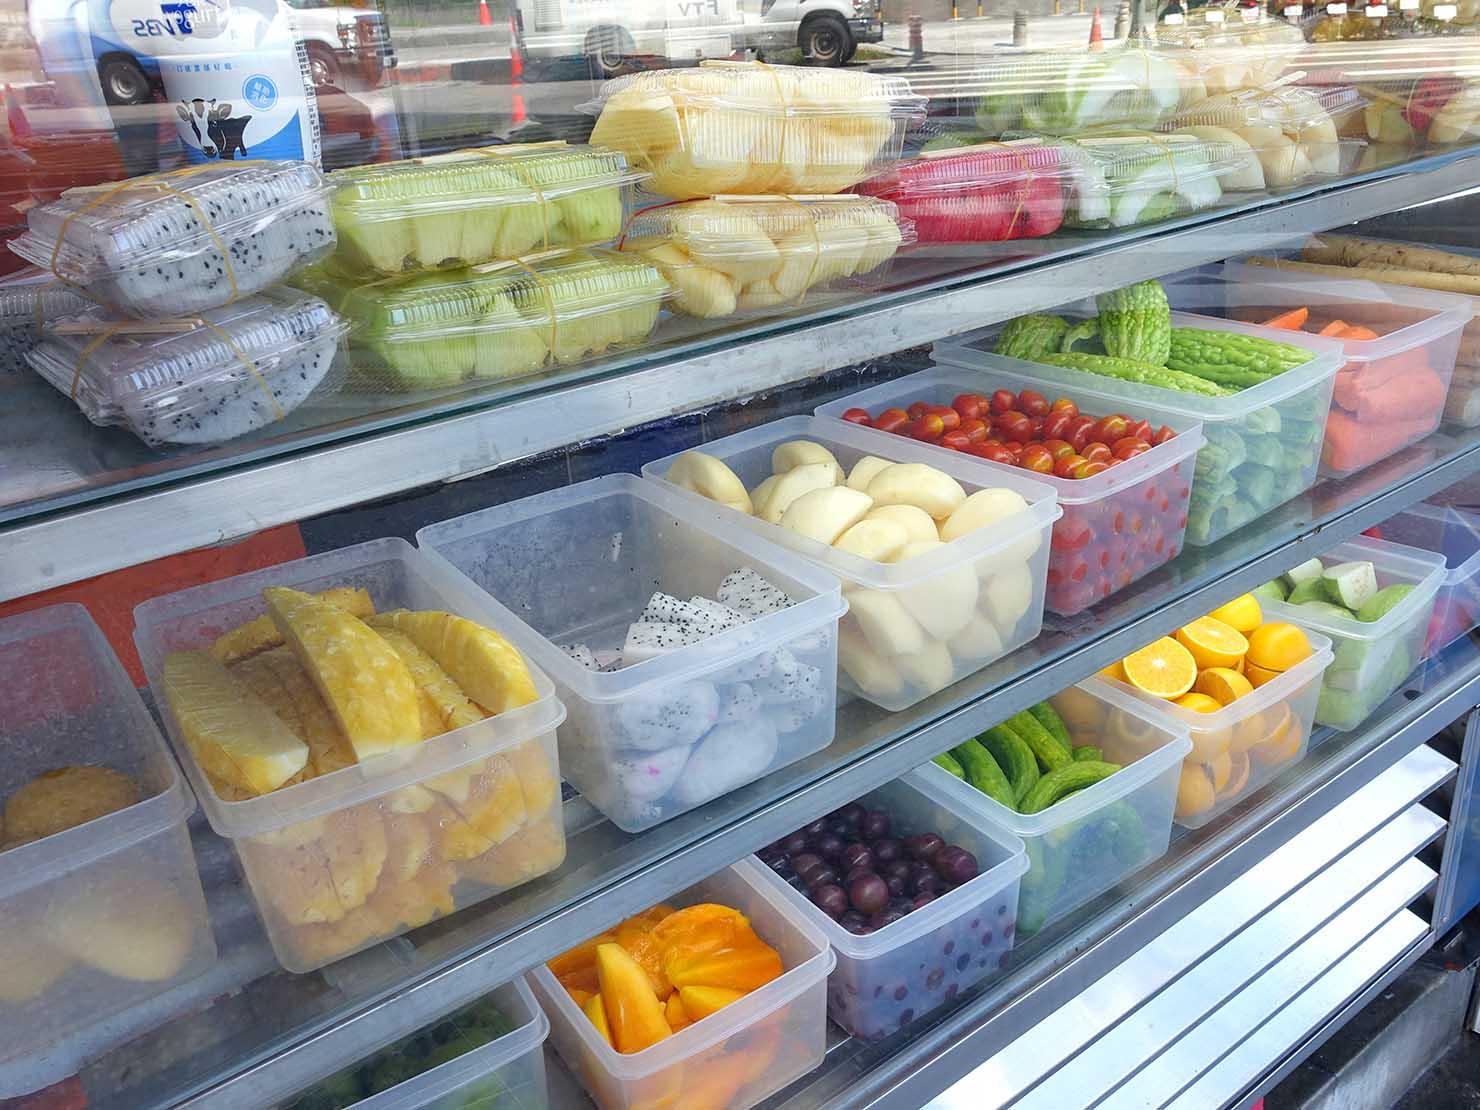 台北・善導寺のおすすめグルメ店「君君果汁吧」のカウンターに並ぶフルーツたち